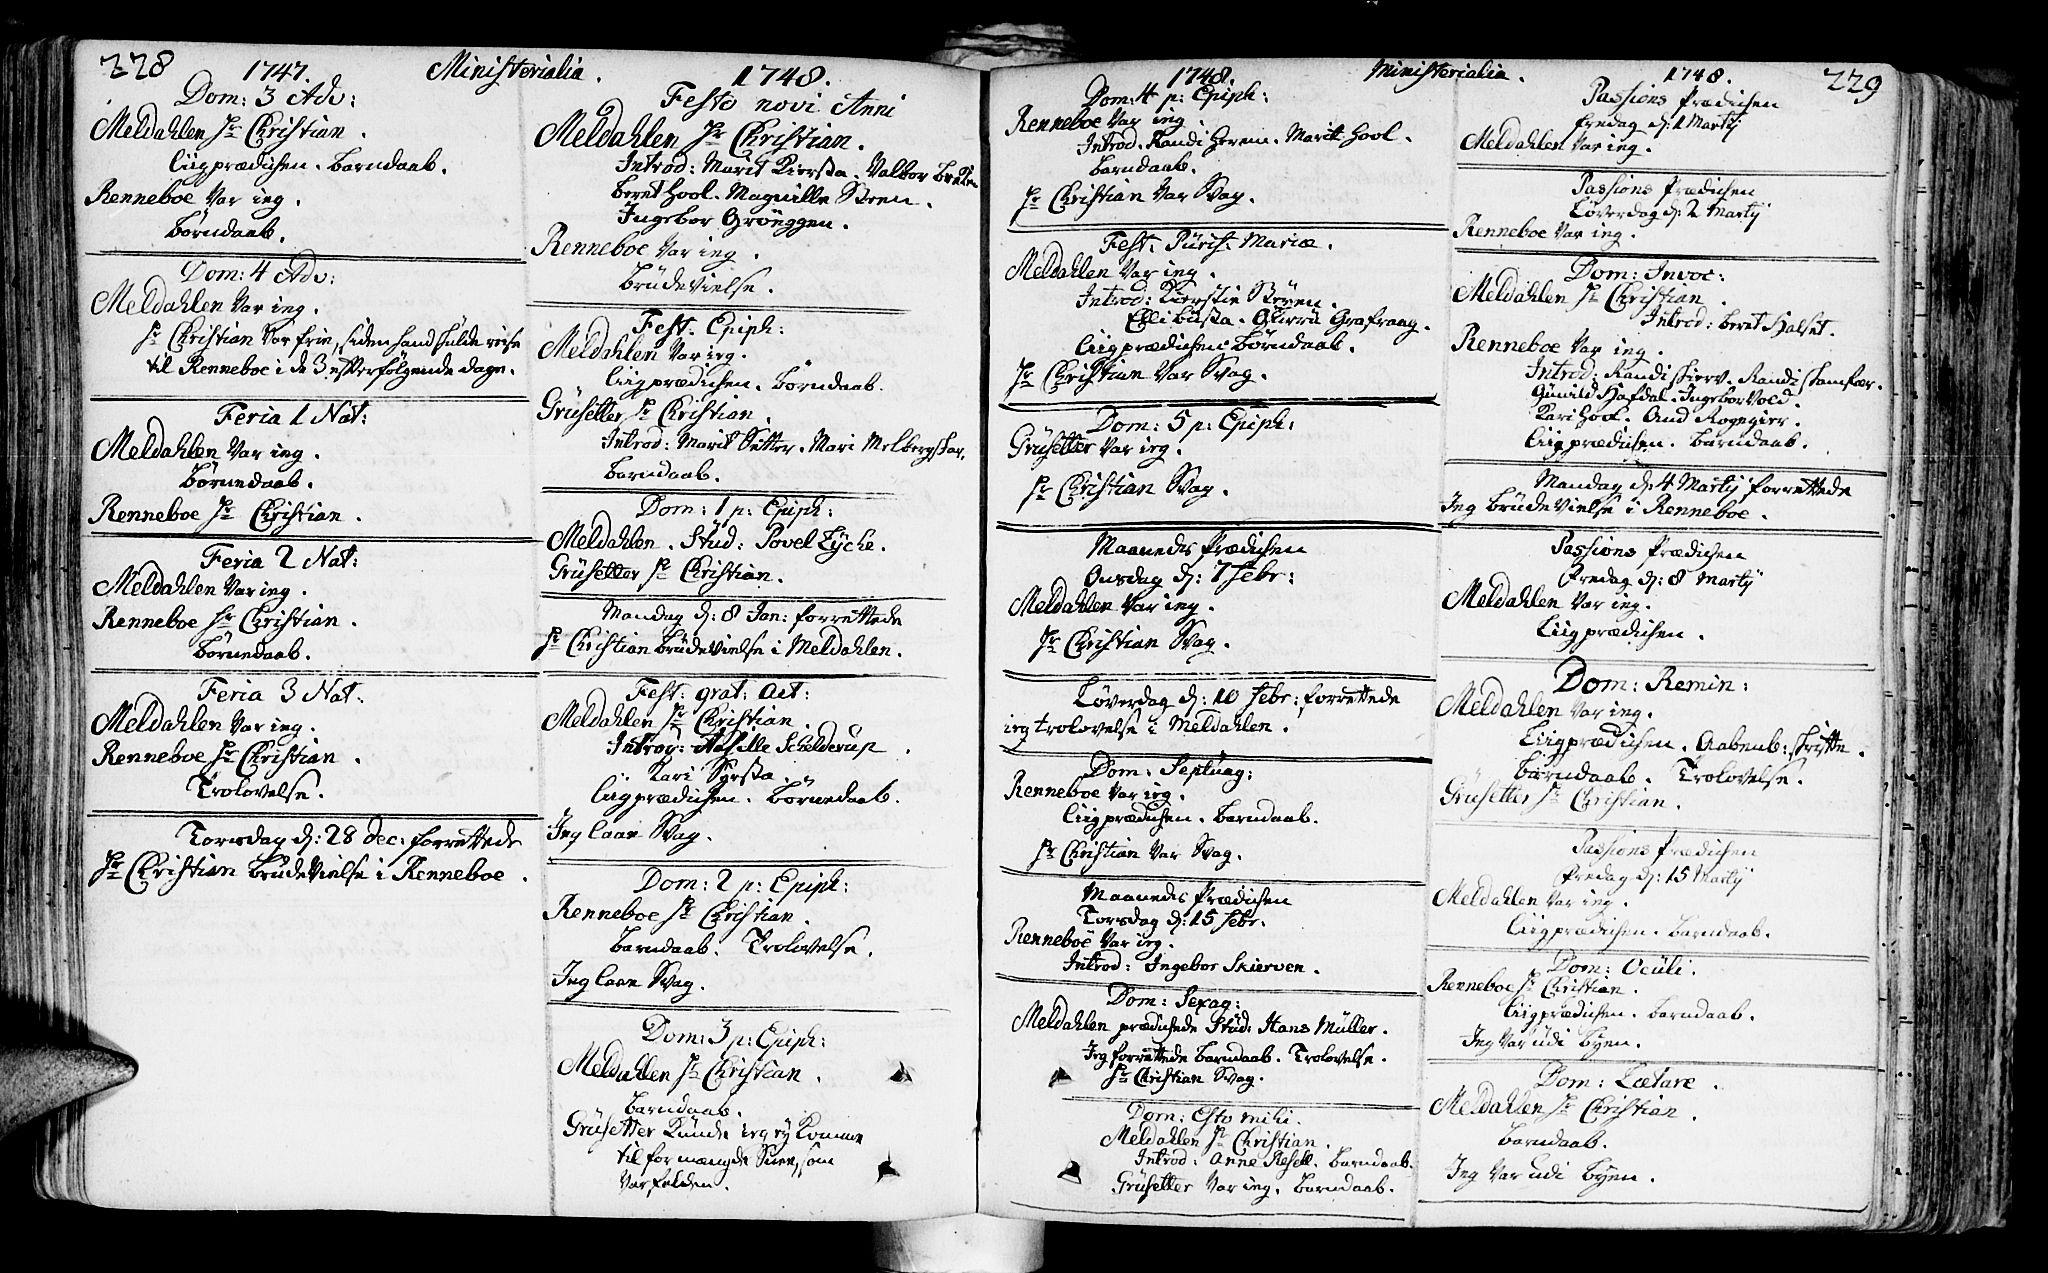 SAT, Ministerialprotokoller, klokkerbøker og fødselsregistre - Sør-Trøndelag, 672/L0850: Ministerialbok nr. 672A03, 1725-1751, s. 228-229